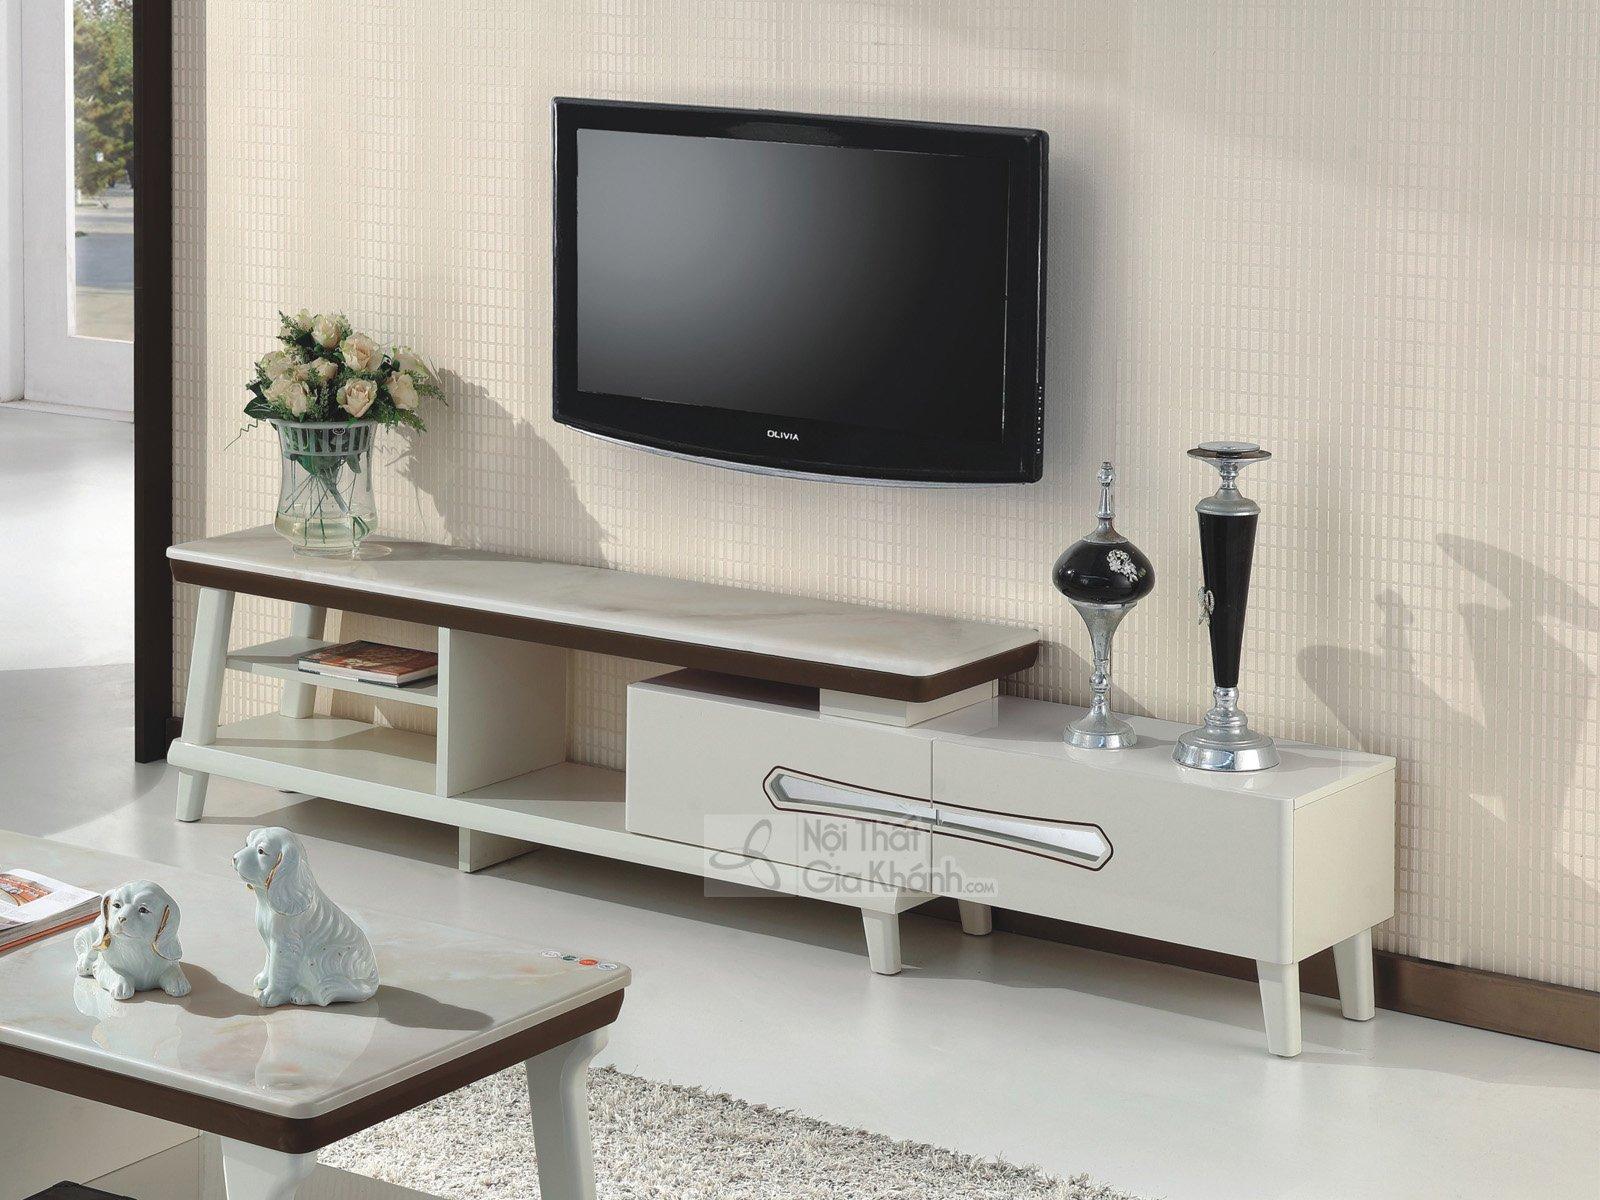 Kệ tivi phòng khách hiện đại gỗ công nghiệp mặt đá đa năng HD5730-2 - hd5730 2